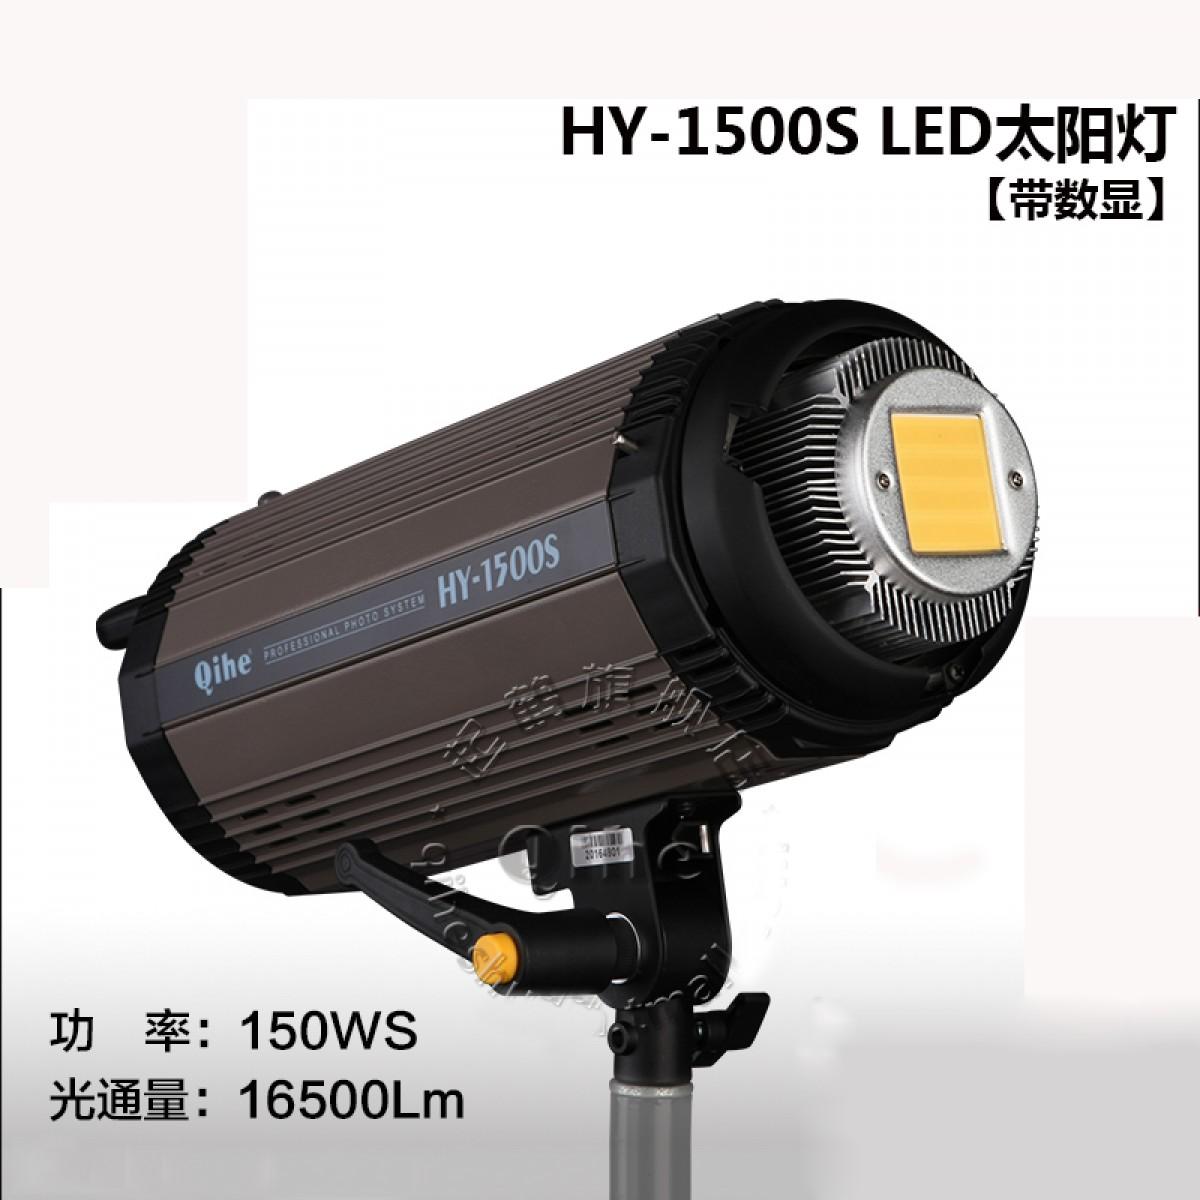 Qihe起鹤牌HY-1500S LED 太阳灯